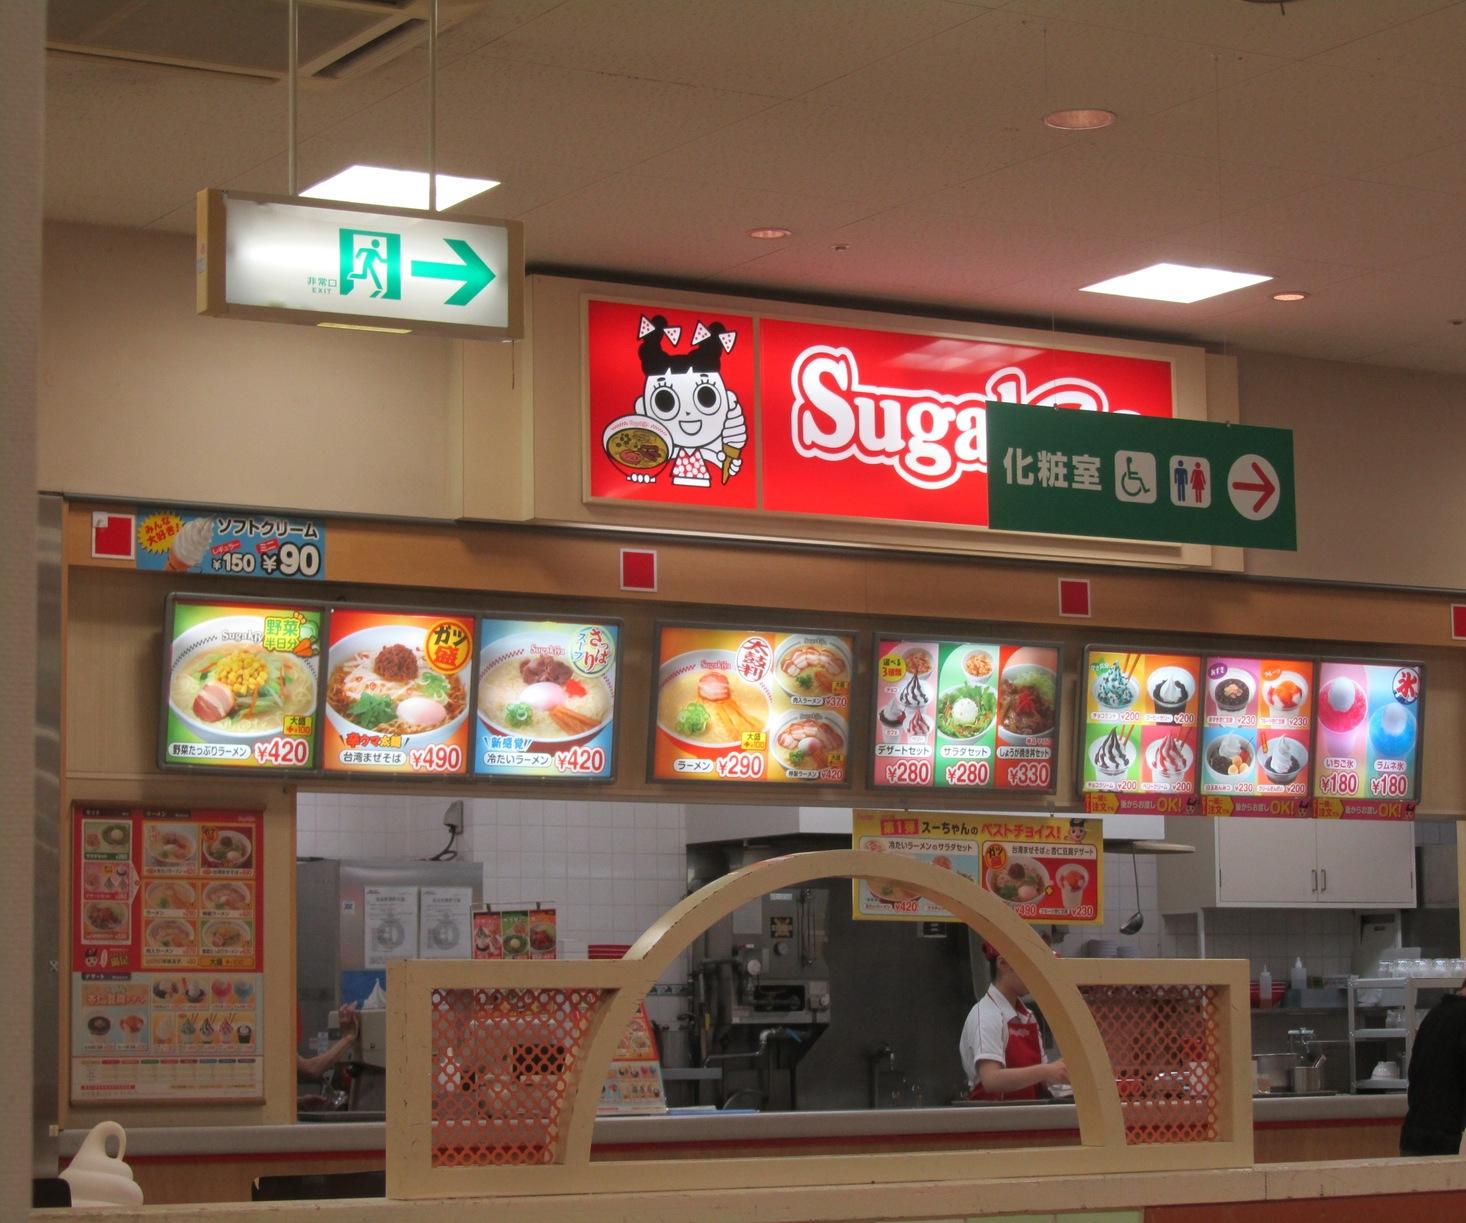 スガキヤ ヨシヅヤ大口店